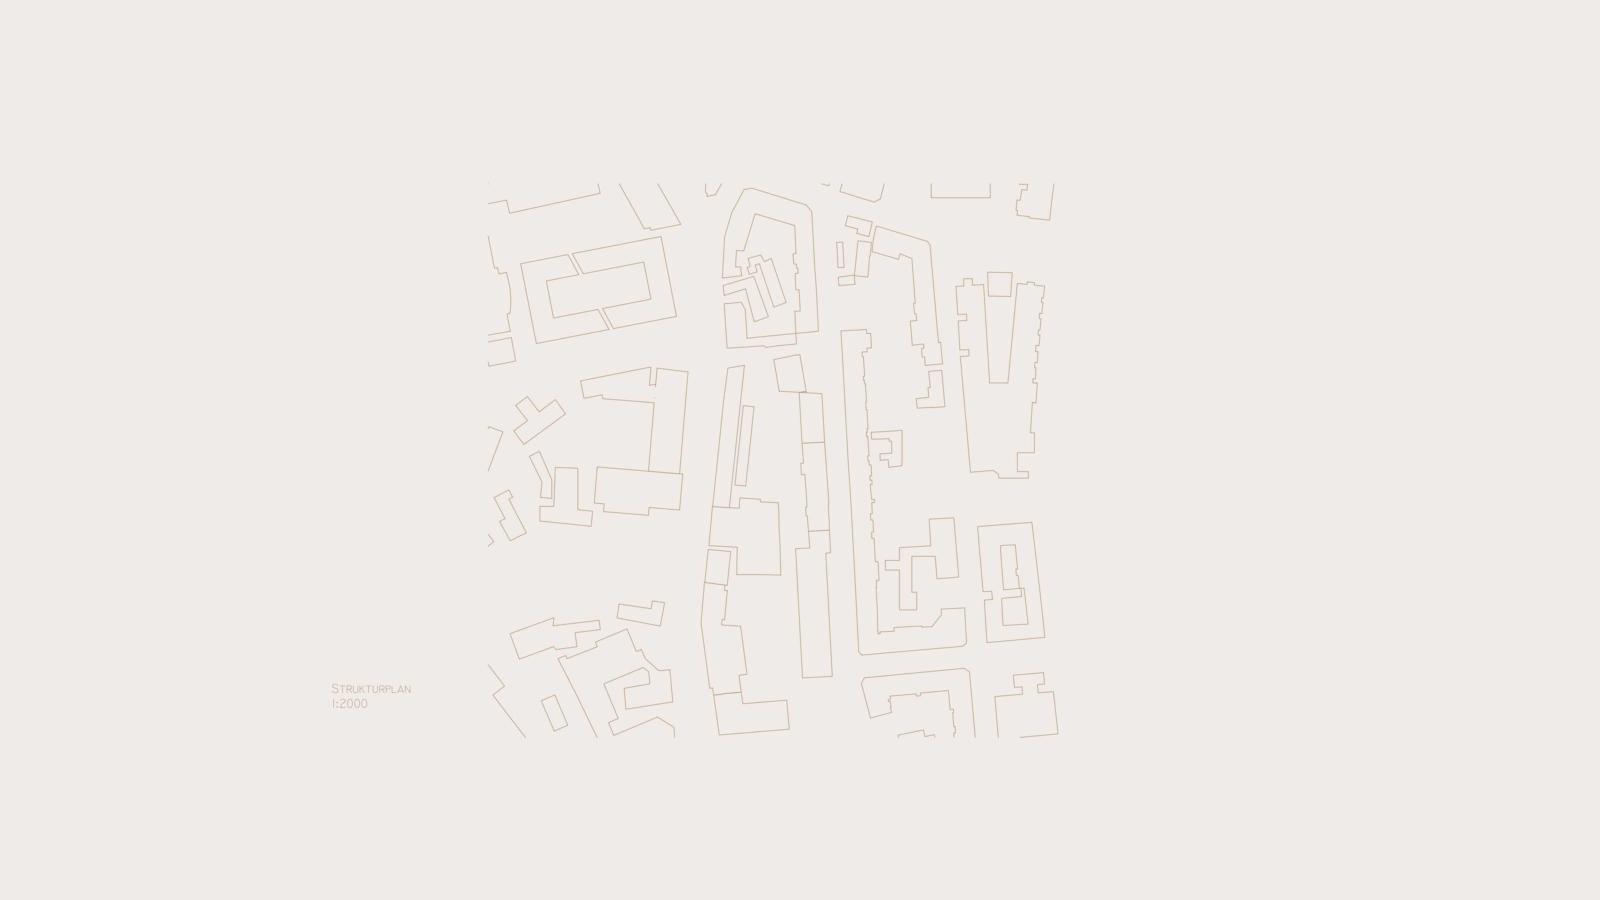 WETTBEWERB RANKENGASSE KARLAUERTSRASSE GRAZ_Strukturplan